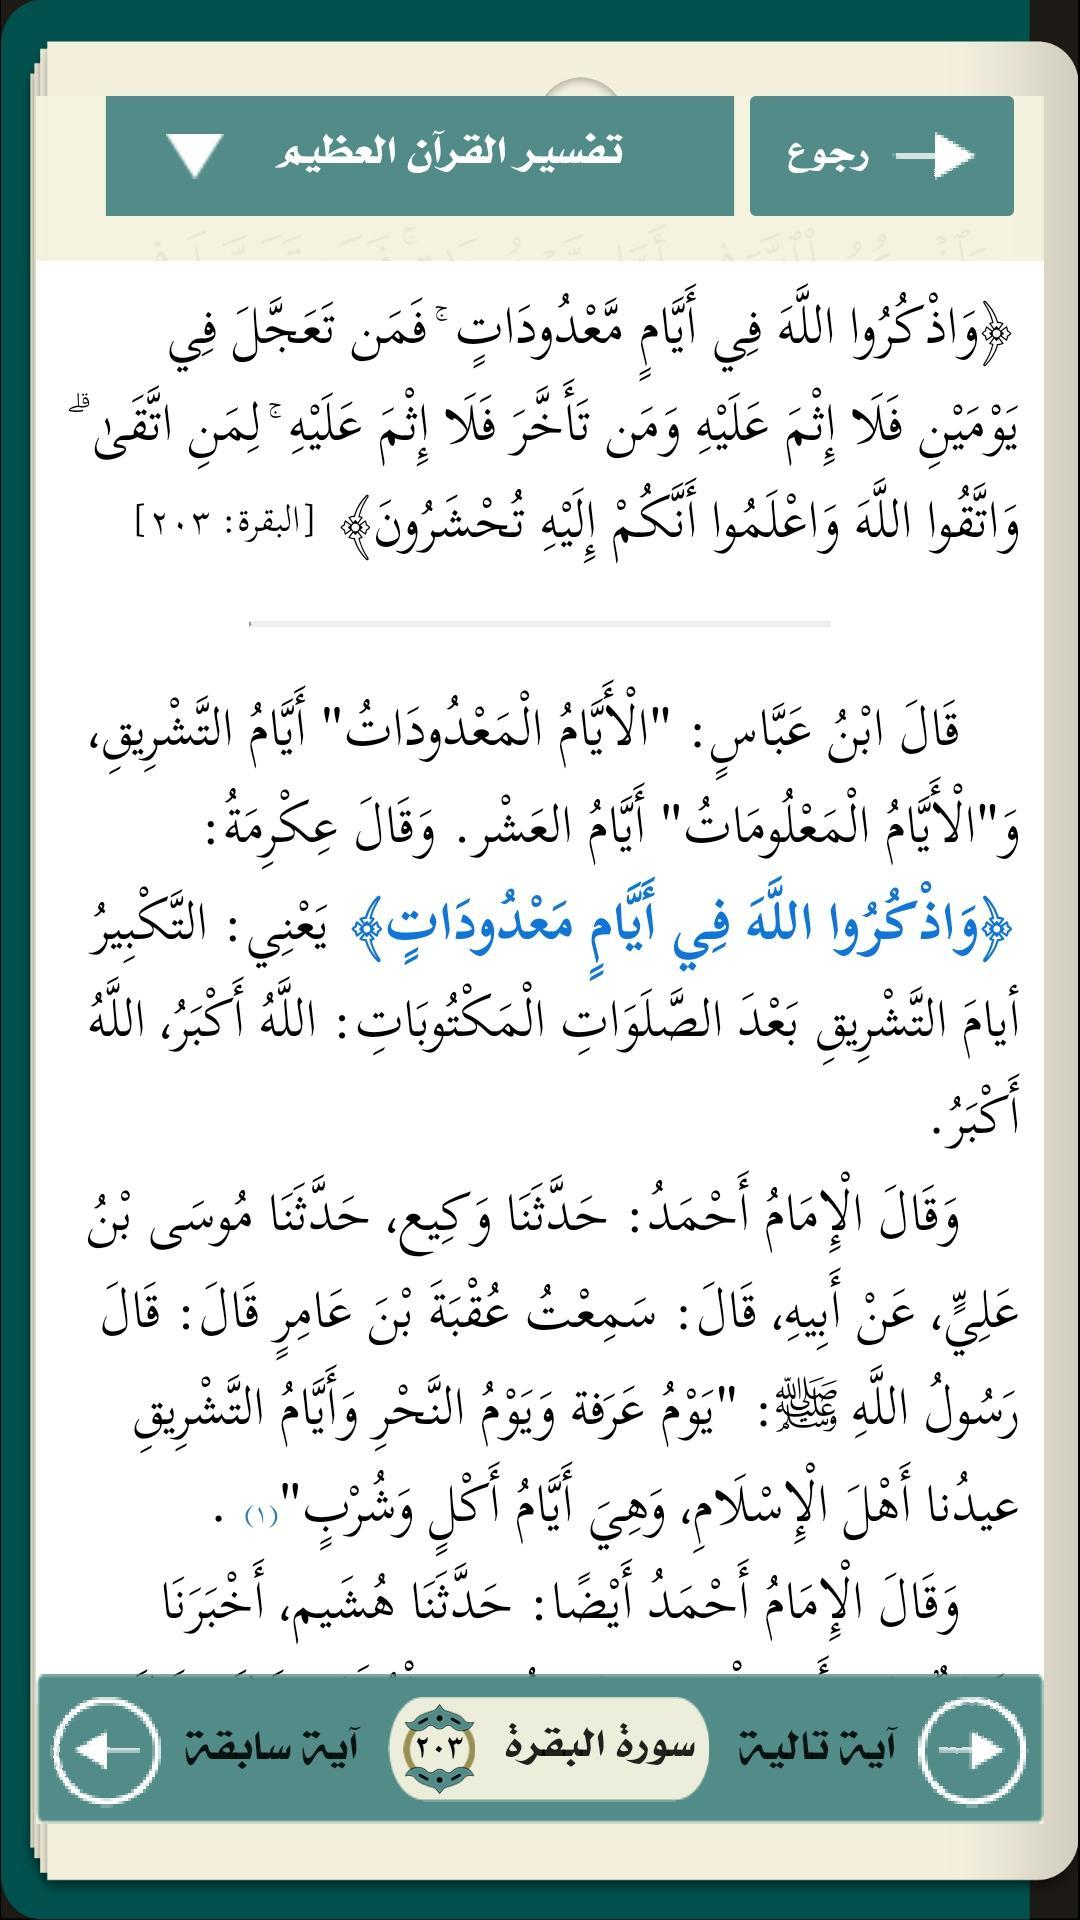 توضيح ماهي ايات الحفظ الصحيحة المجربة Quran Islam Quran Faith